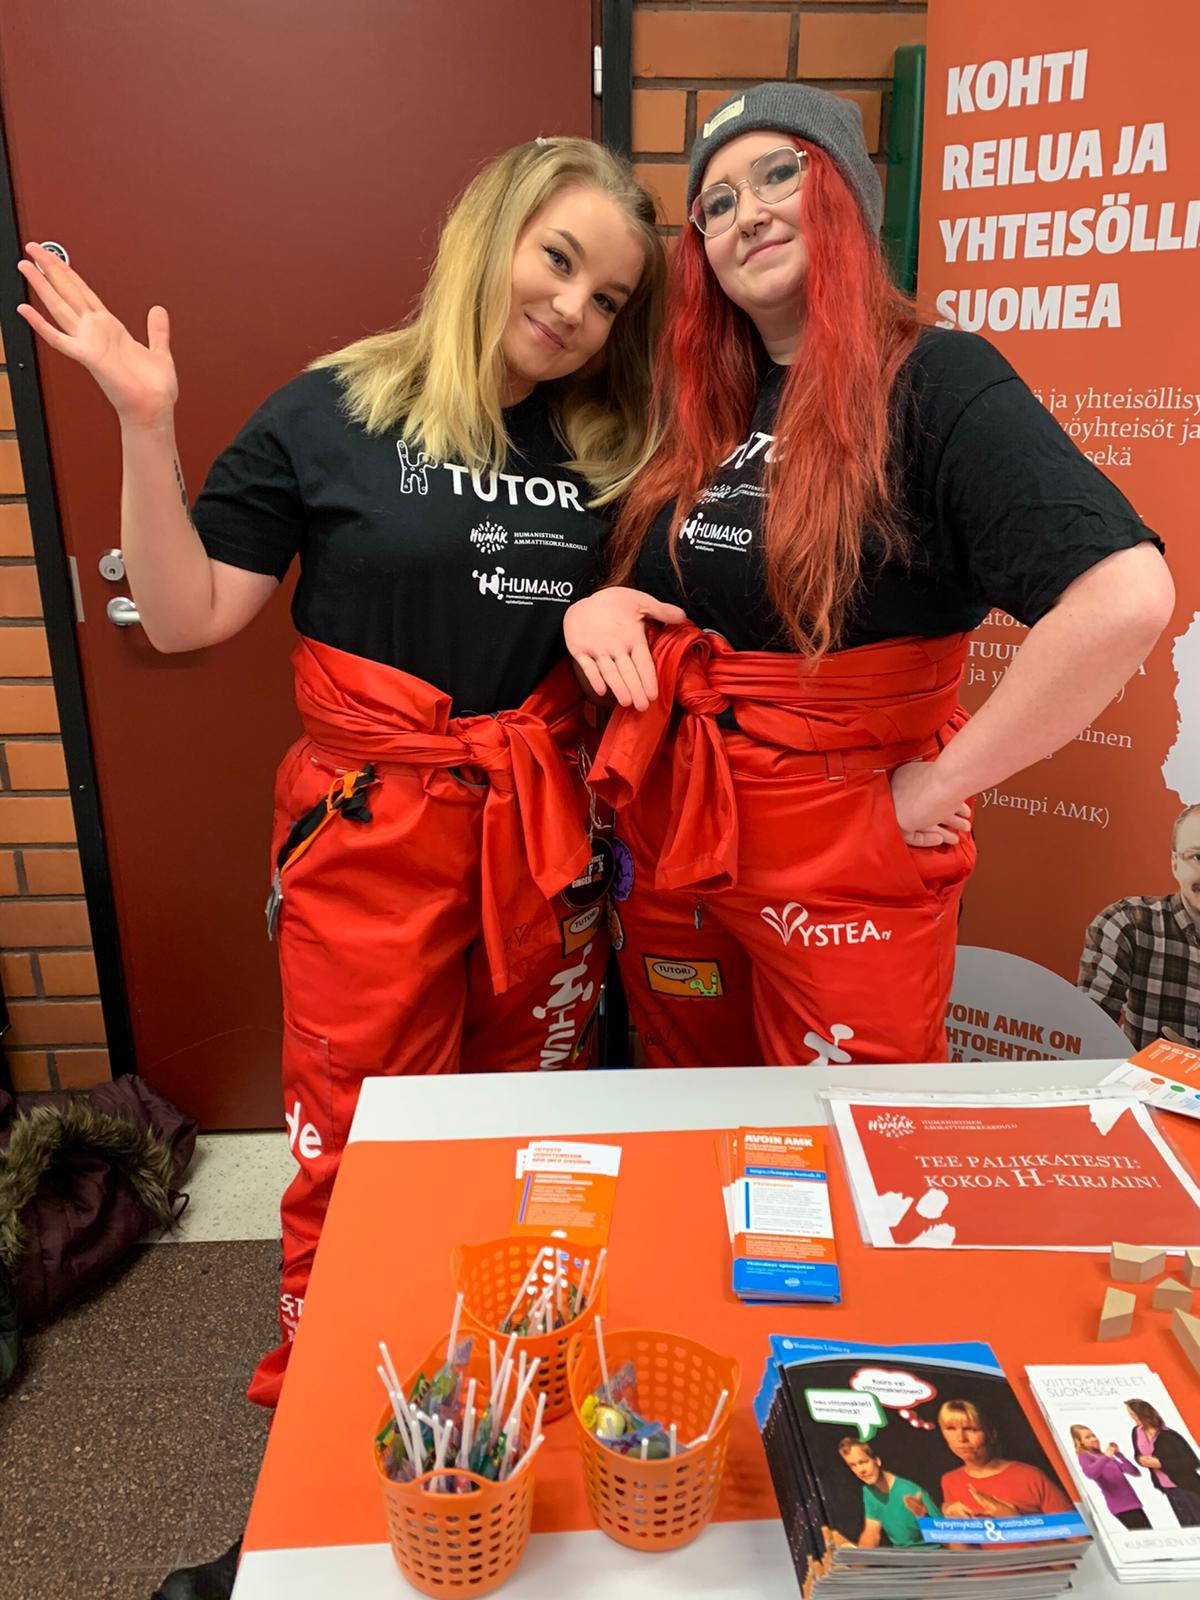 Kaksi hymyilevää opiskelijatyttyöä seisovat messupöydän takana päällään punaiset opiskelijahaalarit.